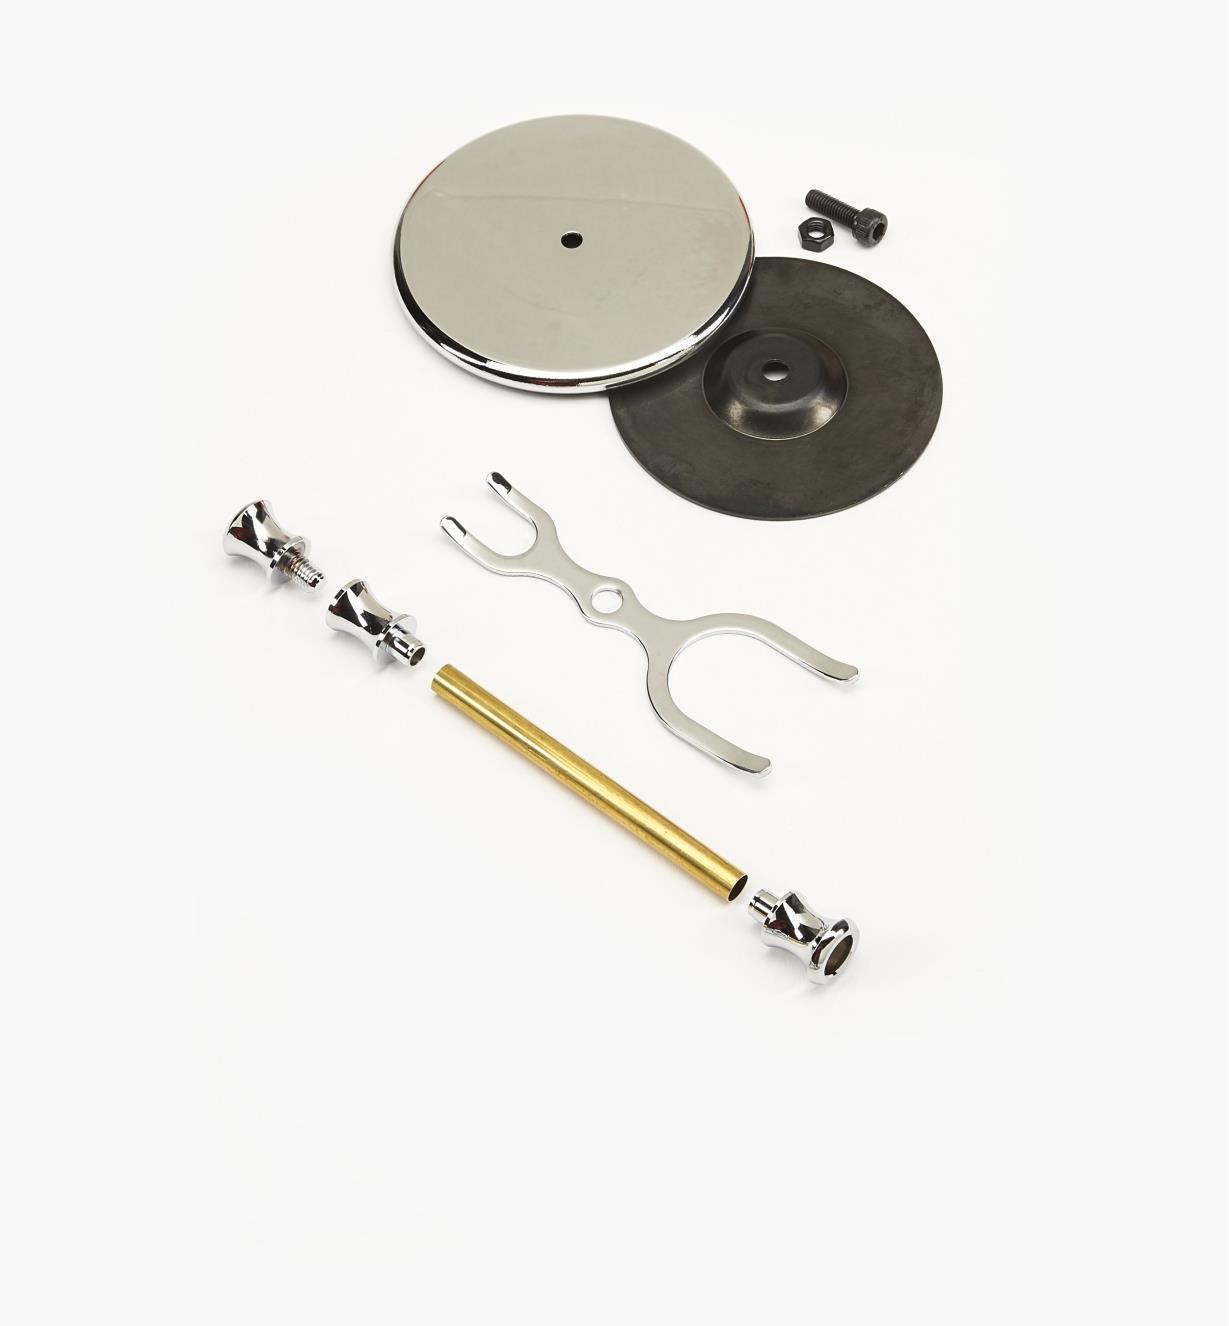 88K8022 - Composants pour support